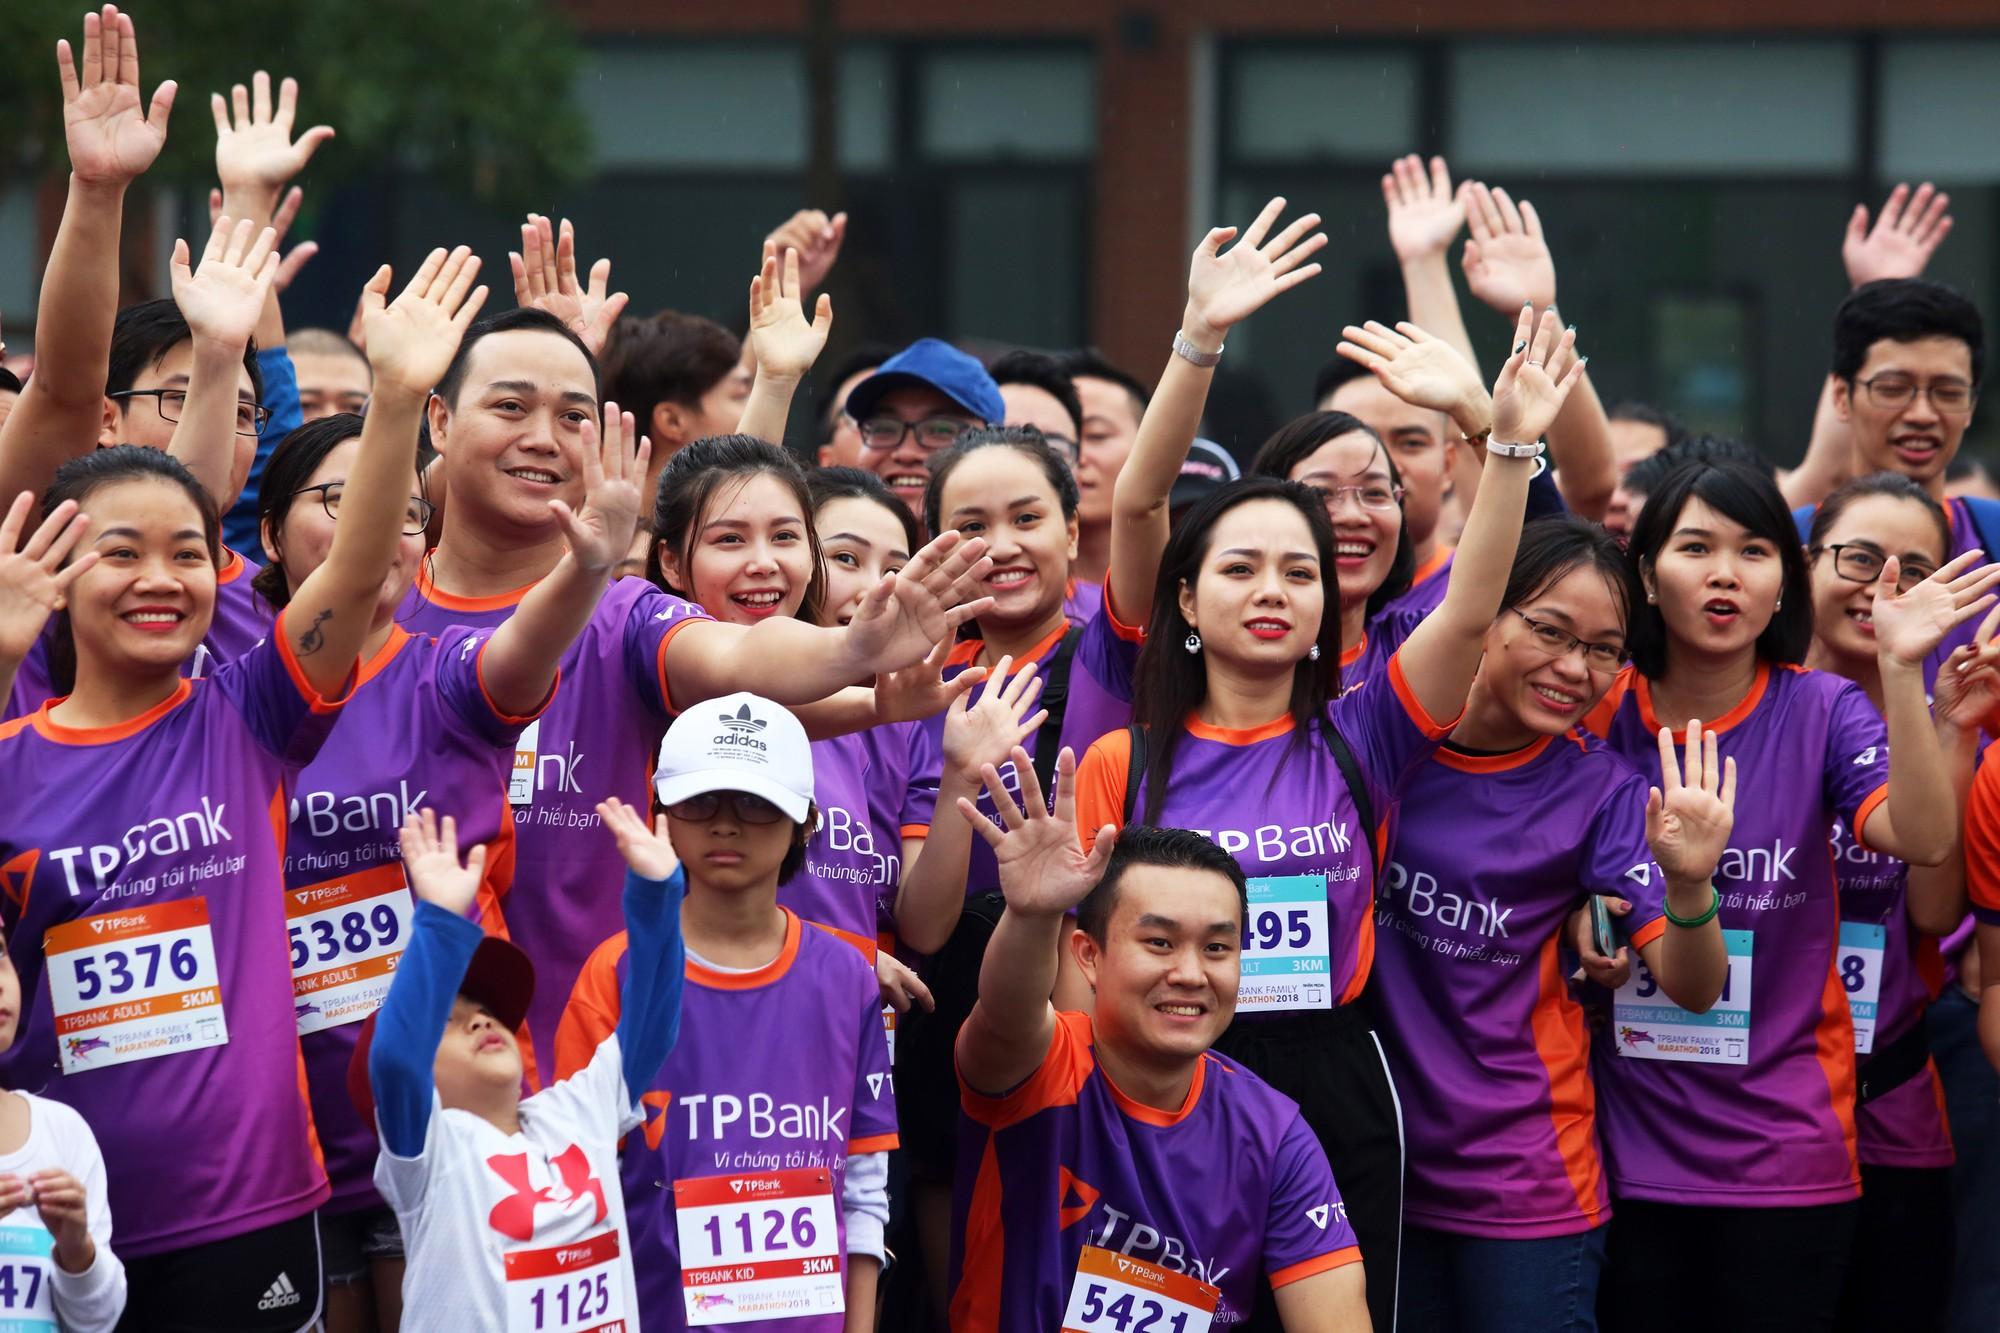 TPBank ra mắt CLB chạy với sự kiện 1.200 người tham dự - Ảnh 4.